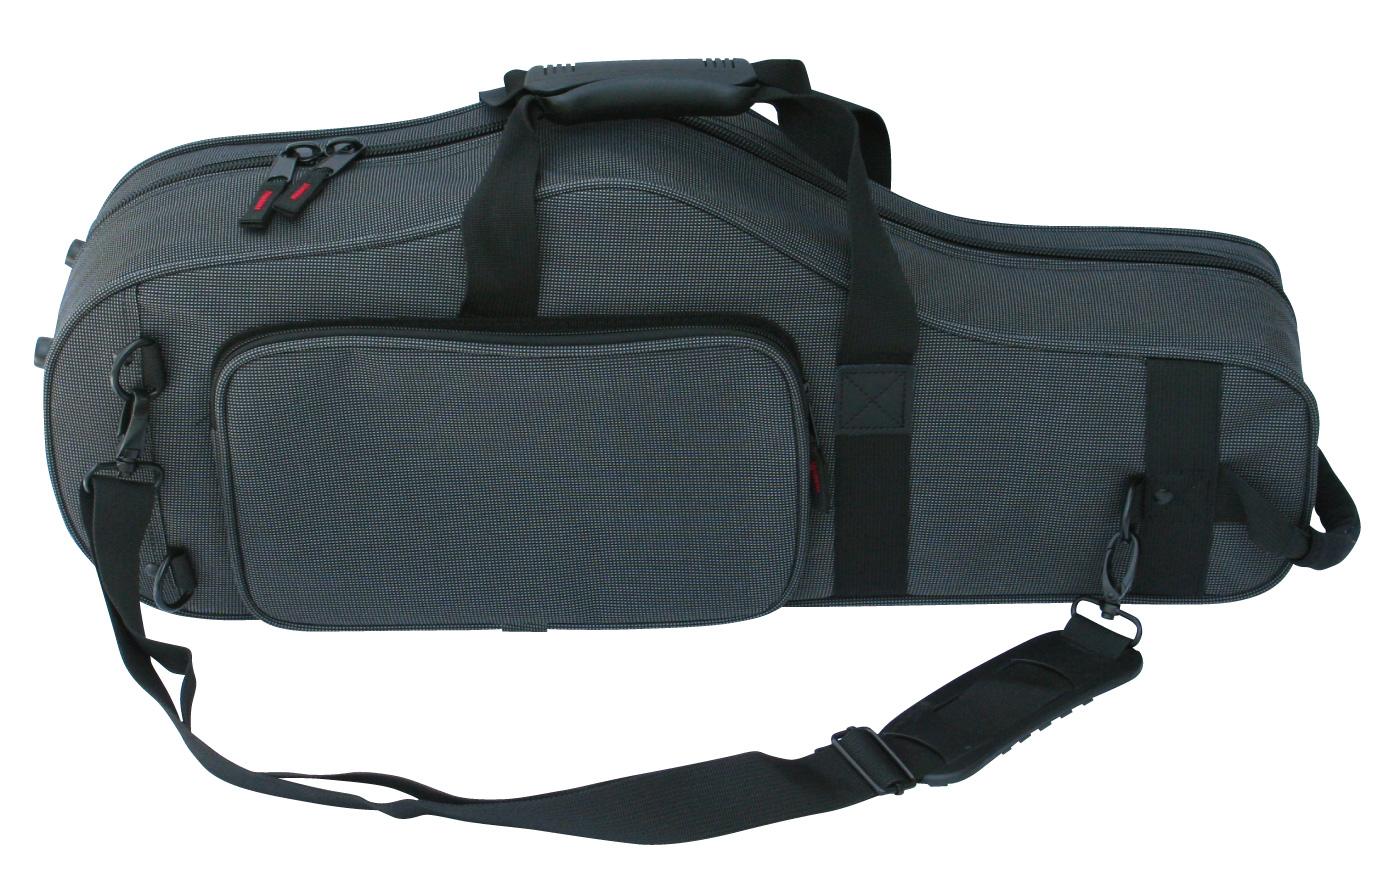 愛用  GATOR ( ケース ゲイター アルト用 ) GL-ALTOSAX-MPC アルトサックスケース ショルダータイプ ゲイター 管楽器 収納 アルトサックス用 セミハードケース 軽量 ケース アルト用, オフィス家具屋さん:7283c153 --- claudiocuoco.com.br